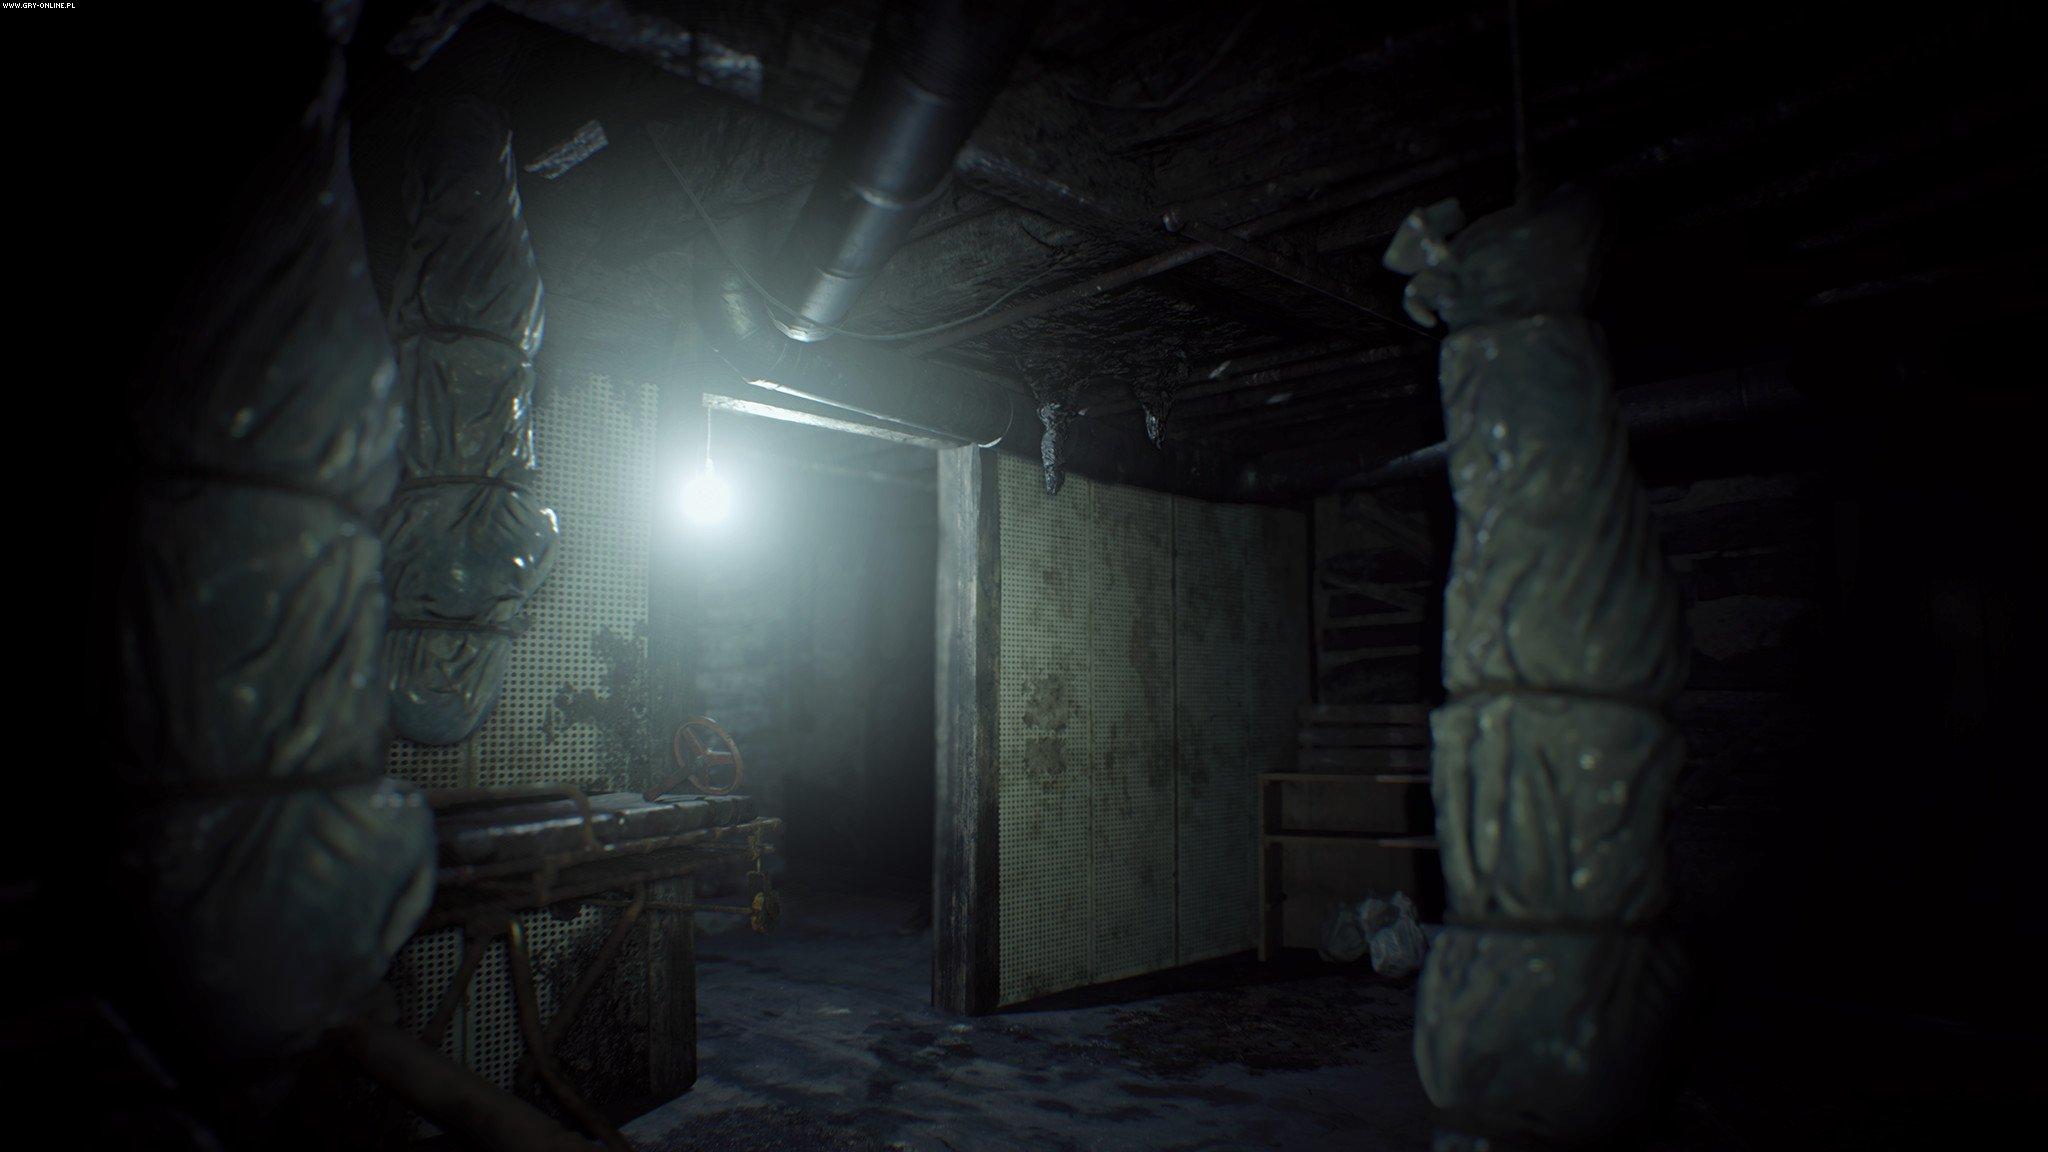 Resident Evil VII: Biohazard PC, PS4, XONE Games Image 31/87, Capcom